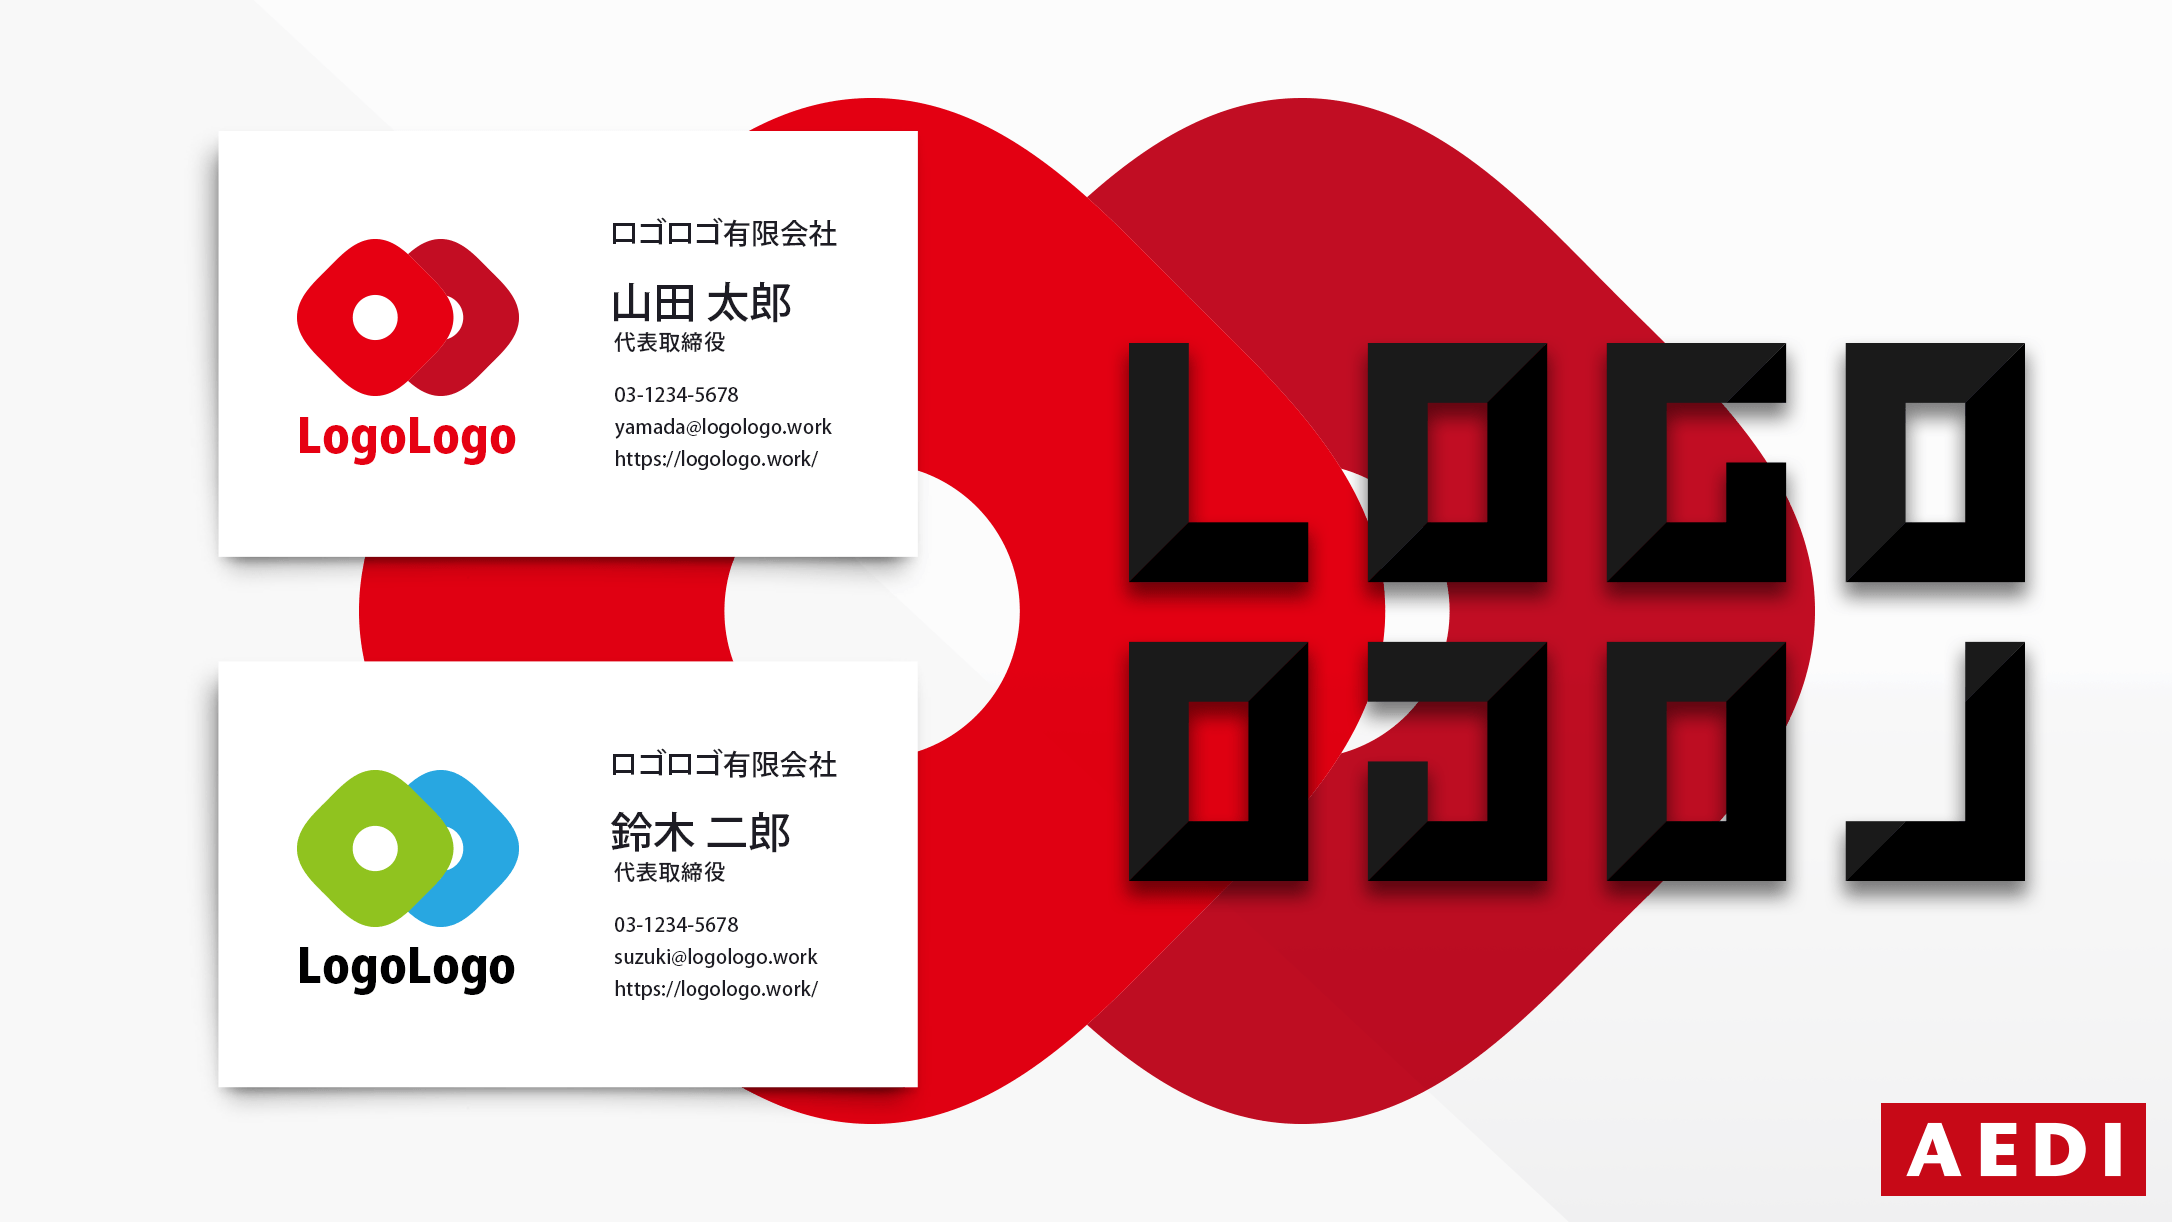 ロゴロゴ ロゴマークデザイン002 ホームページ/Web制作・デザイン制作 岡山県倉敷市のWebとデザインの制作会社 AEDI株式会社